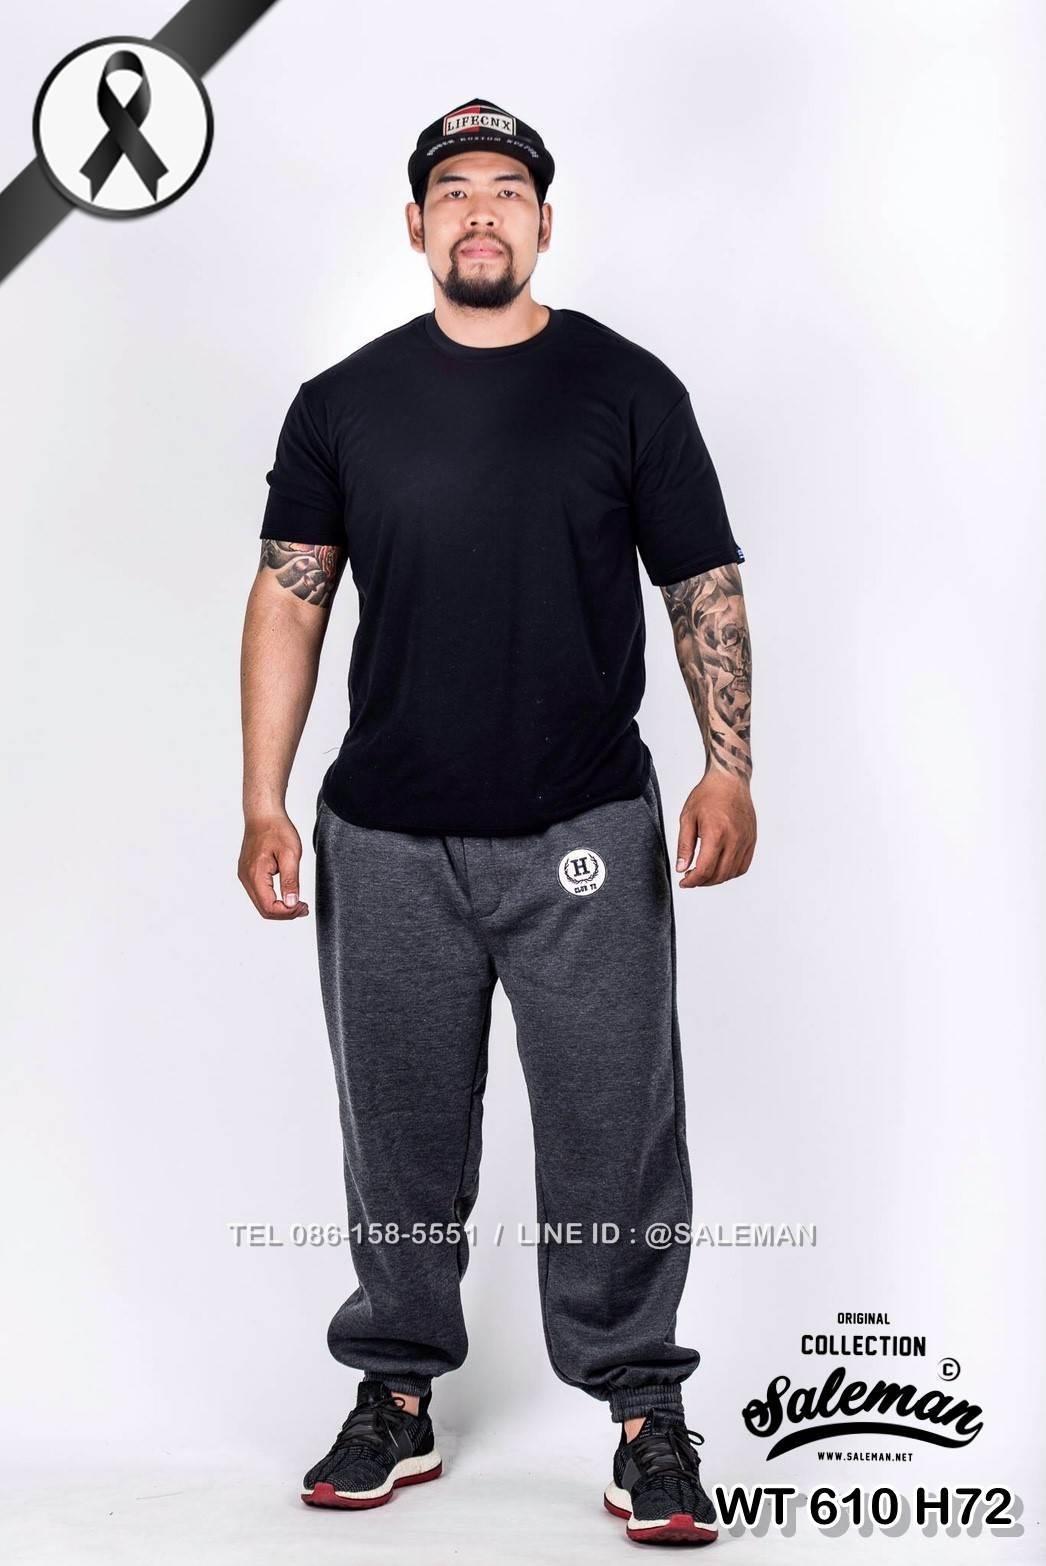 กางเกง JOGGER พรีเมี่ยม ผ้าวอร์ม รหัส WT 610 U72 สีเทาเข้ม